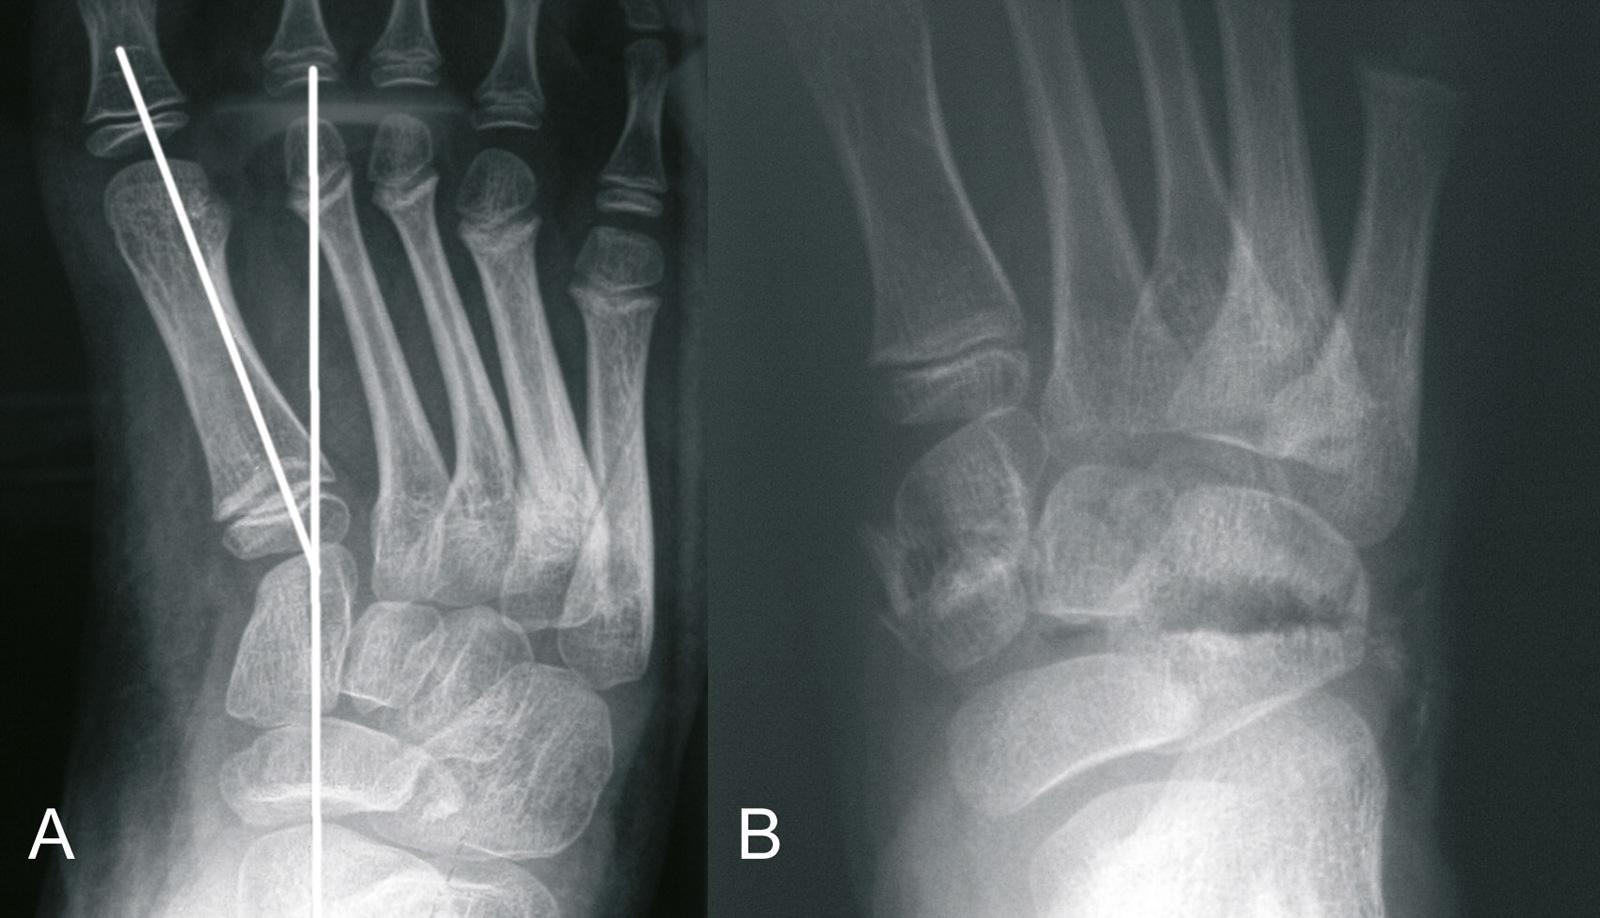 Abb. 4-56: Vor (A) und nach (B) Additions-SubtraktionsOsteotomie (Eigentum des Instituts für Klinische Radiologie der Universität Münster)